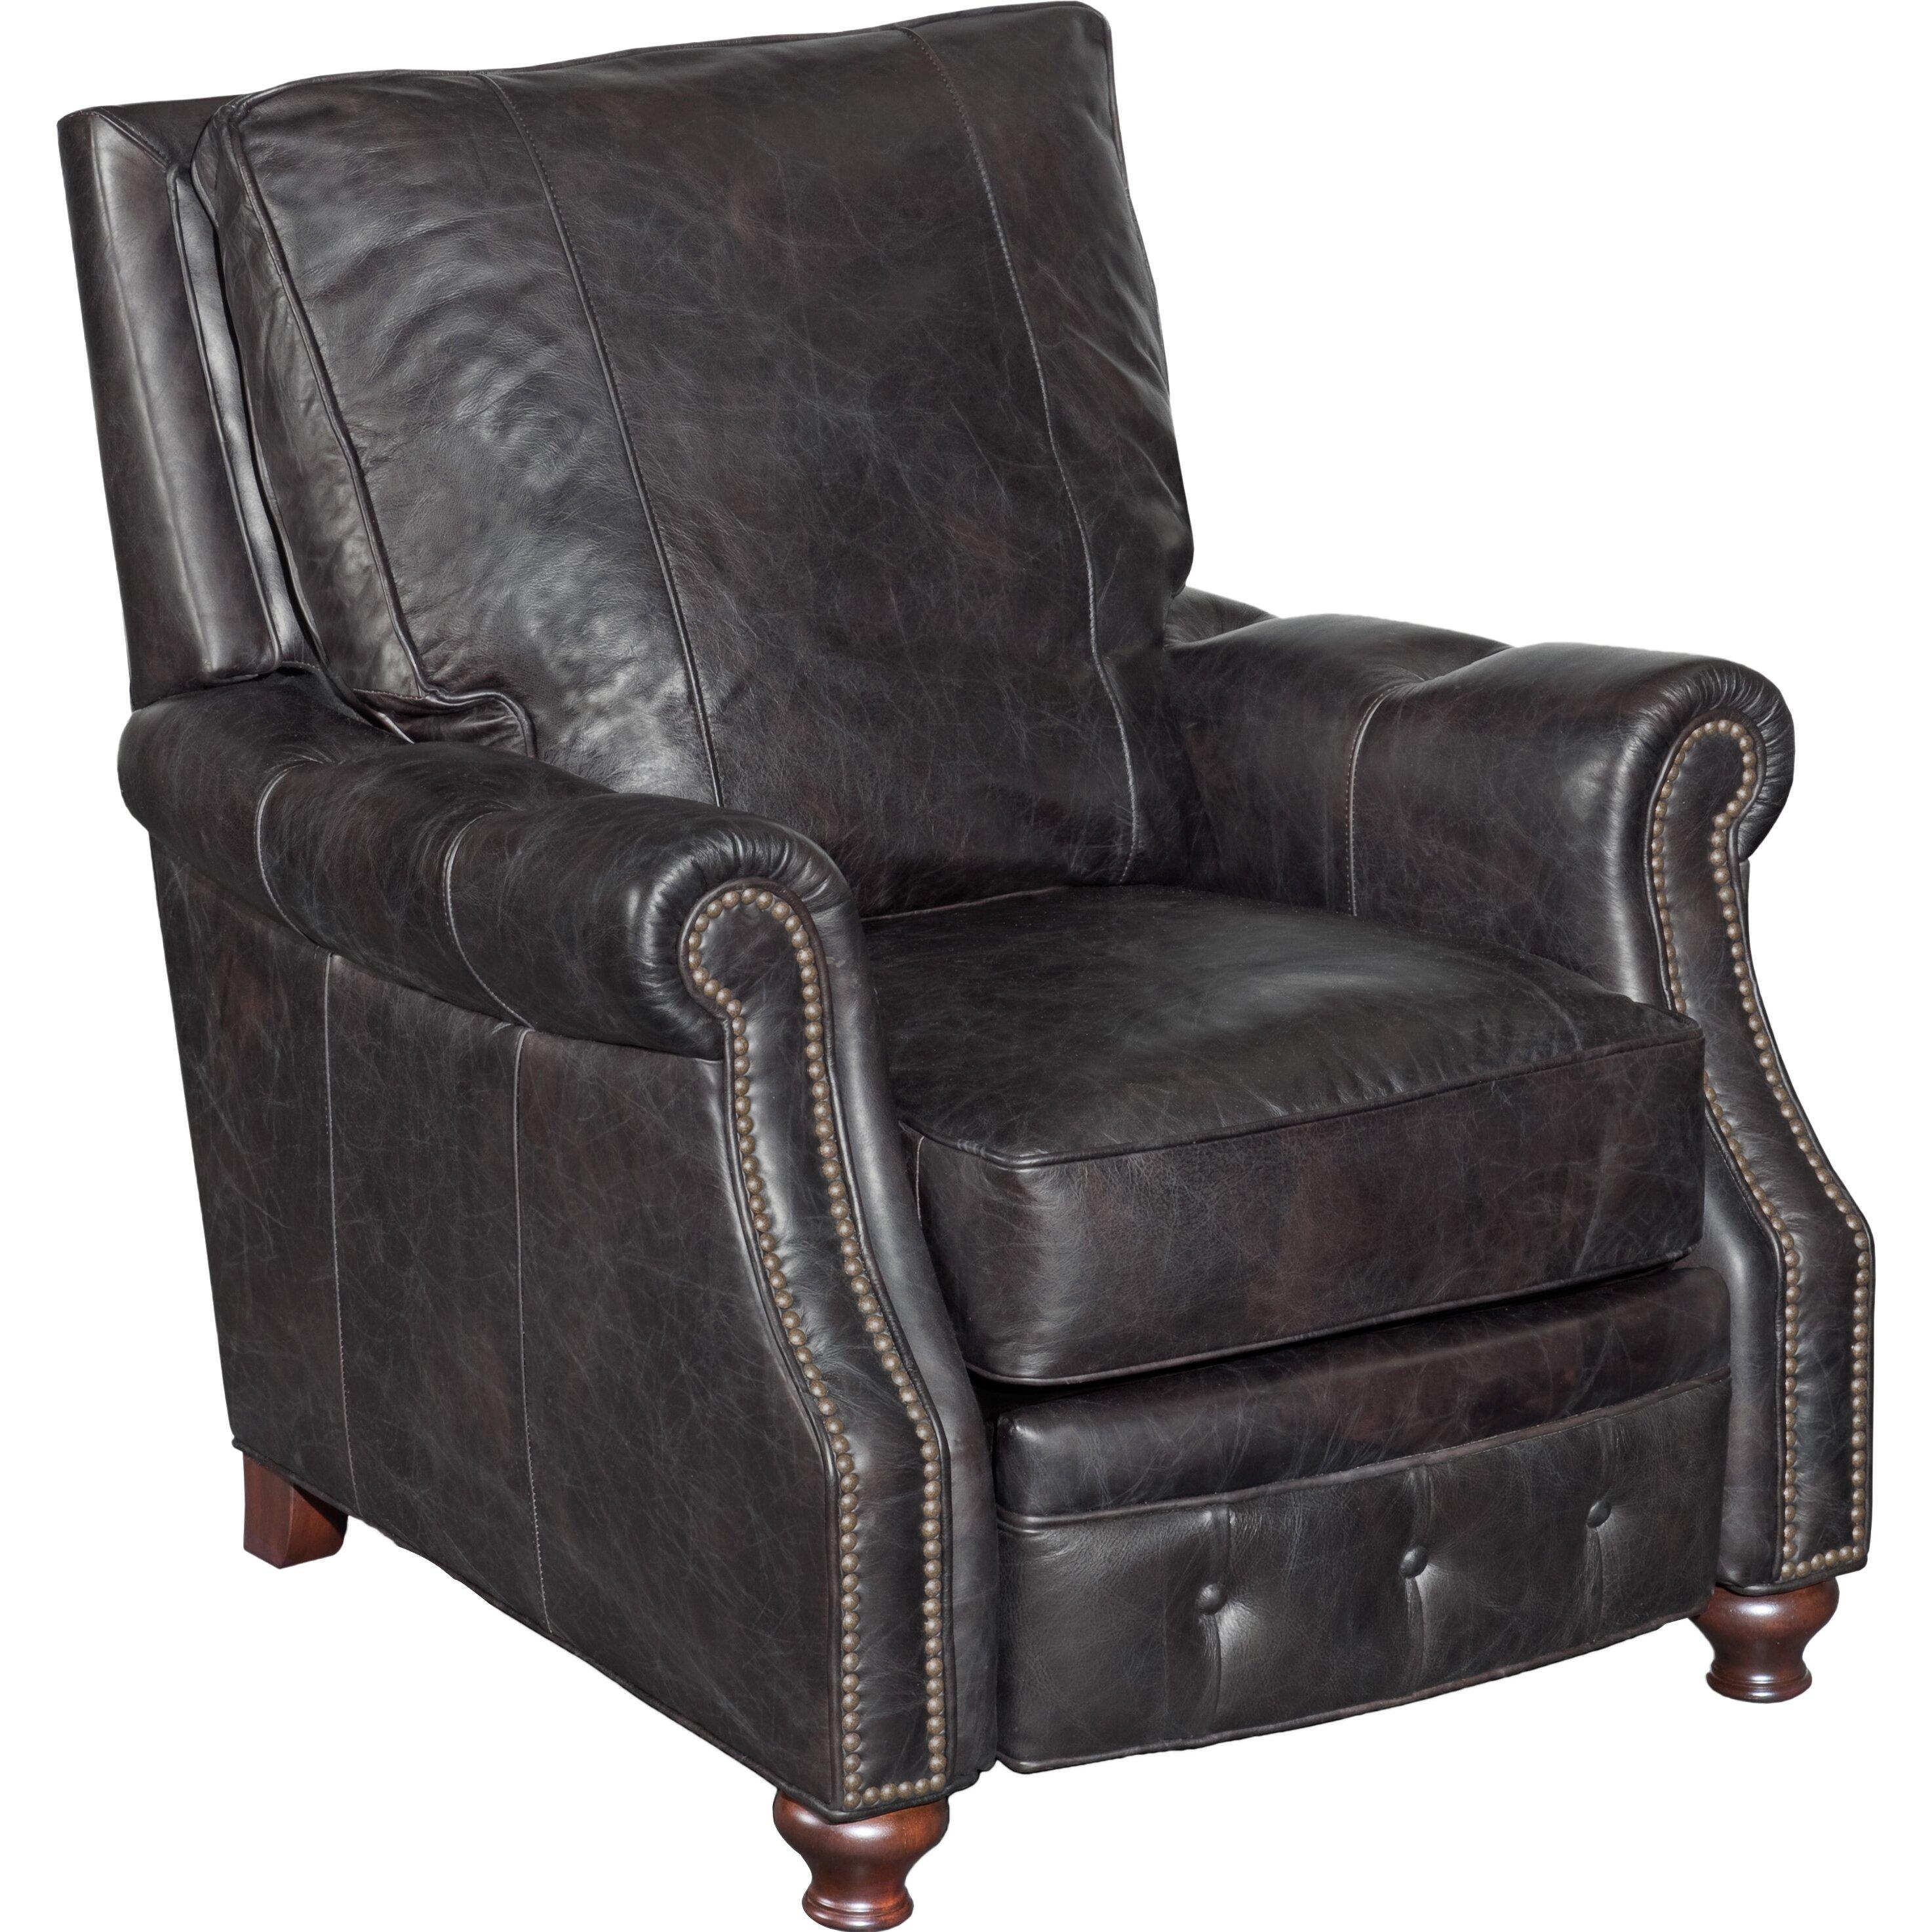 Hooker Furniture Recliner & Reviews